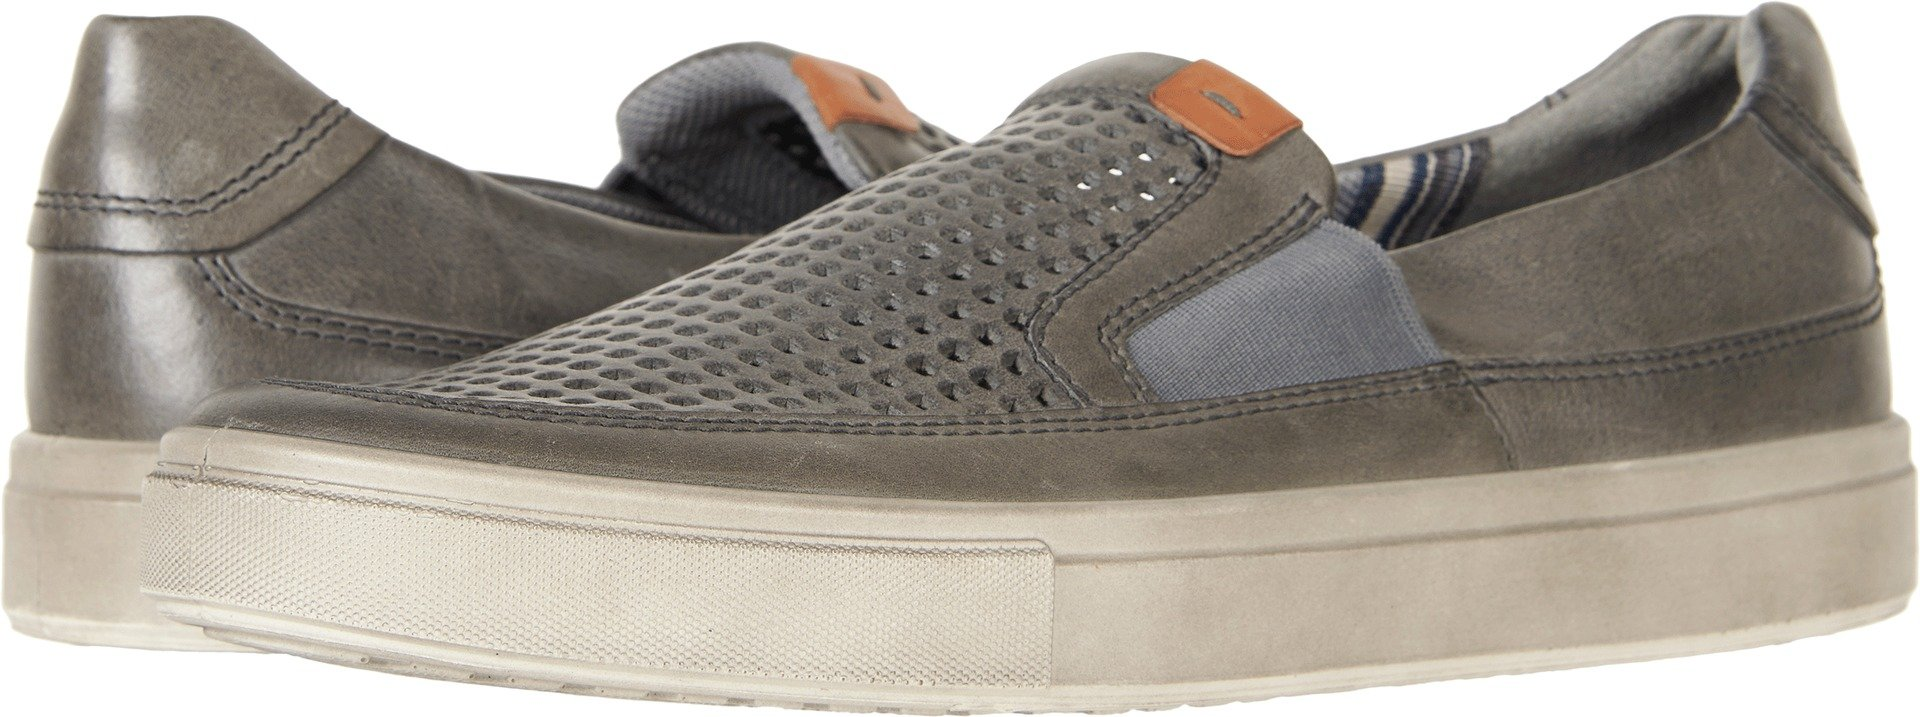 ECCO Men's Kyle Perforated Slip On Fashion Sneaker, Titanium, 46 EU/12-12.5 M US